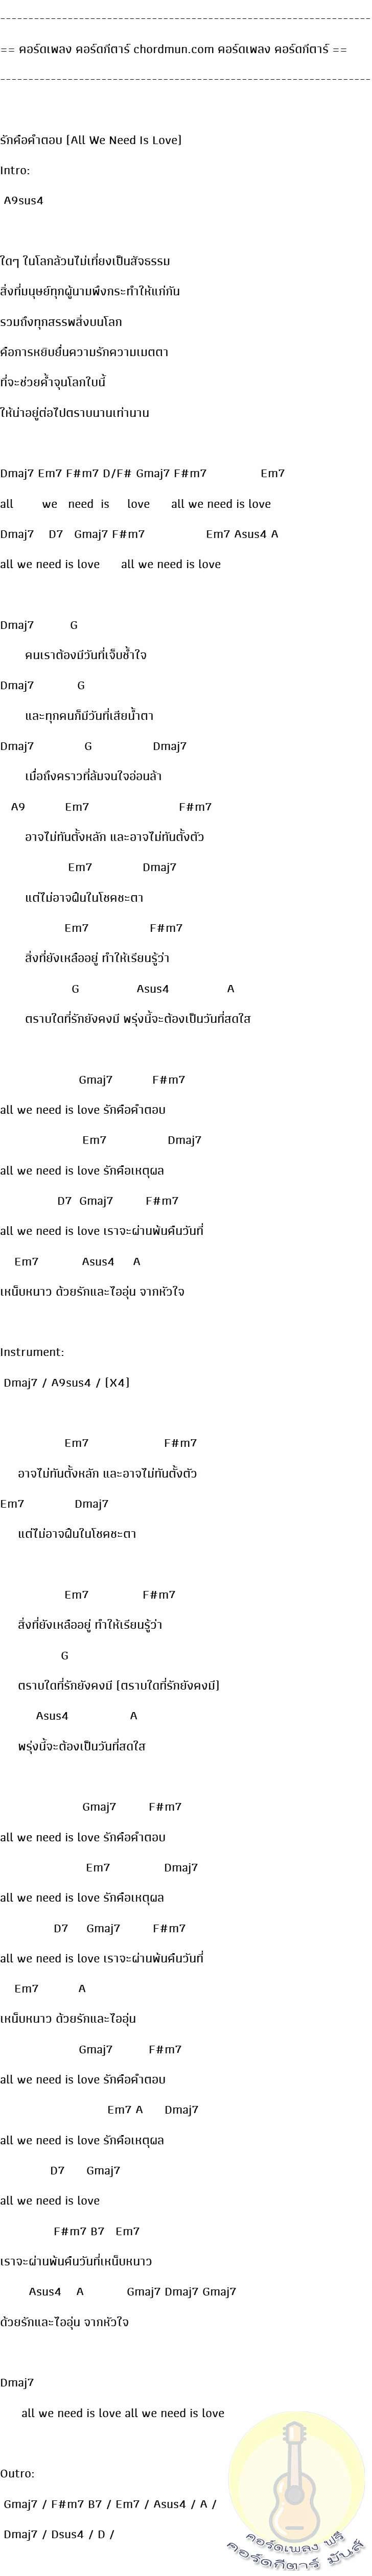 คอร์ดกีต้า ง่ายๆ  เพลง รักคือคำตอบ (All We Need Is Love)